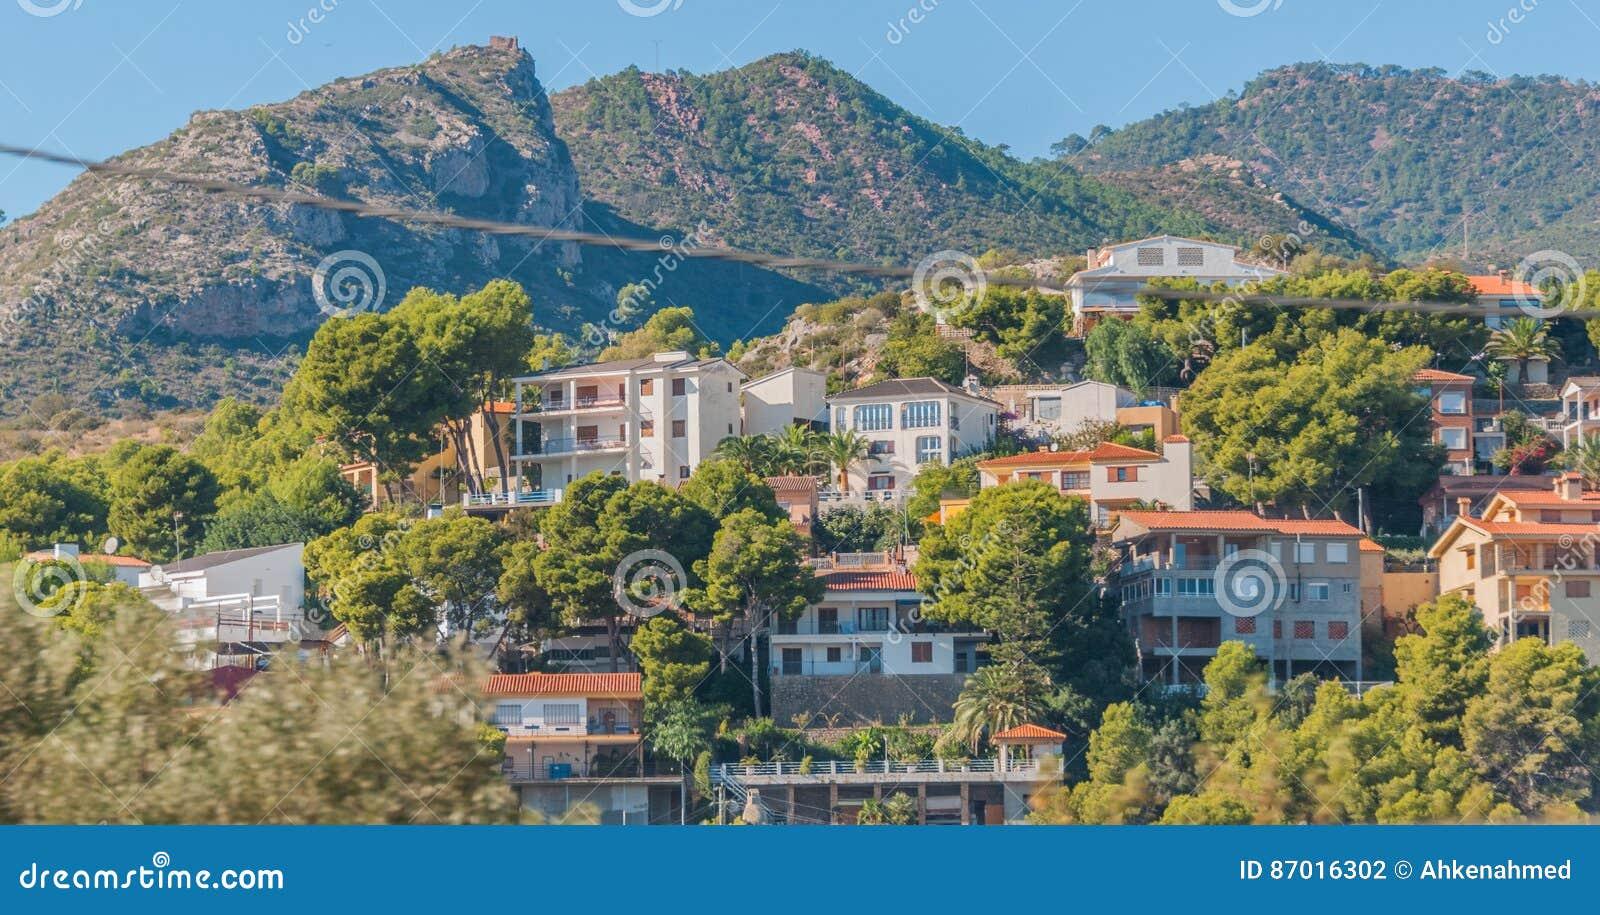 Lugares vivos rústicos & ásperos mas bonitos na Espanha rural Casas nos montes & nas montanhas da Espanha rural